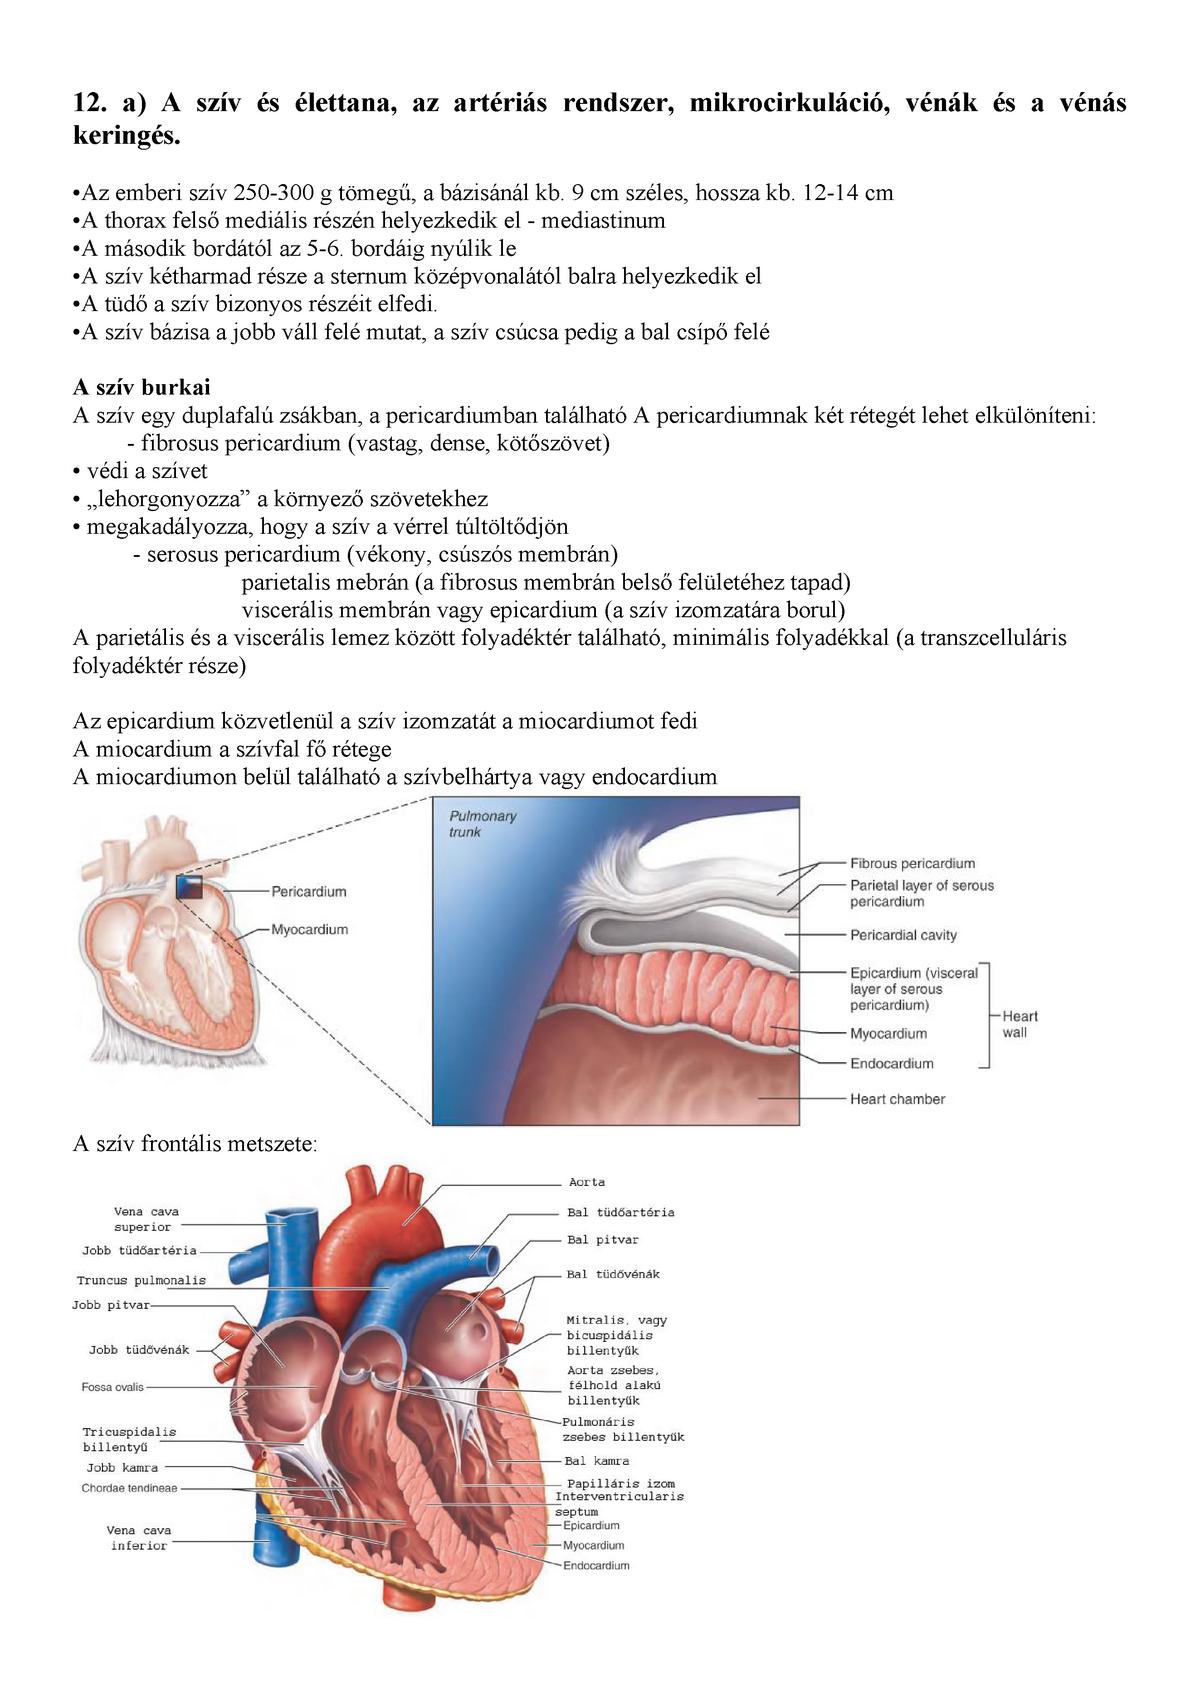 artériás vér az emberi szívben az